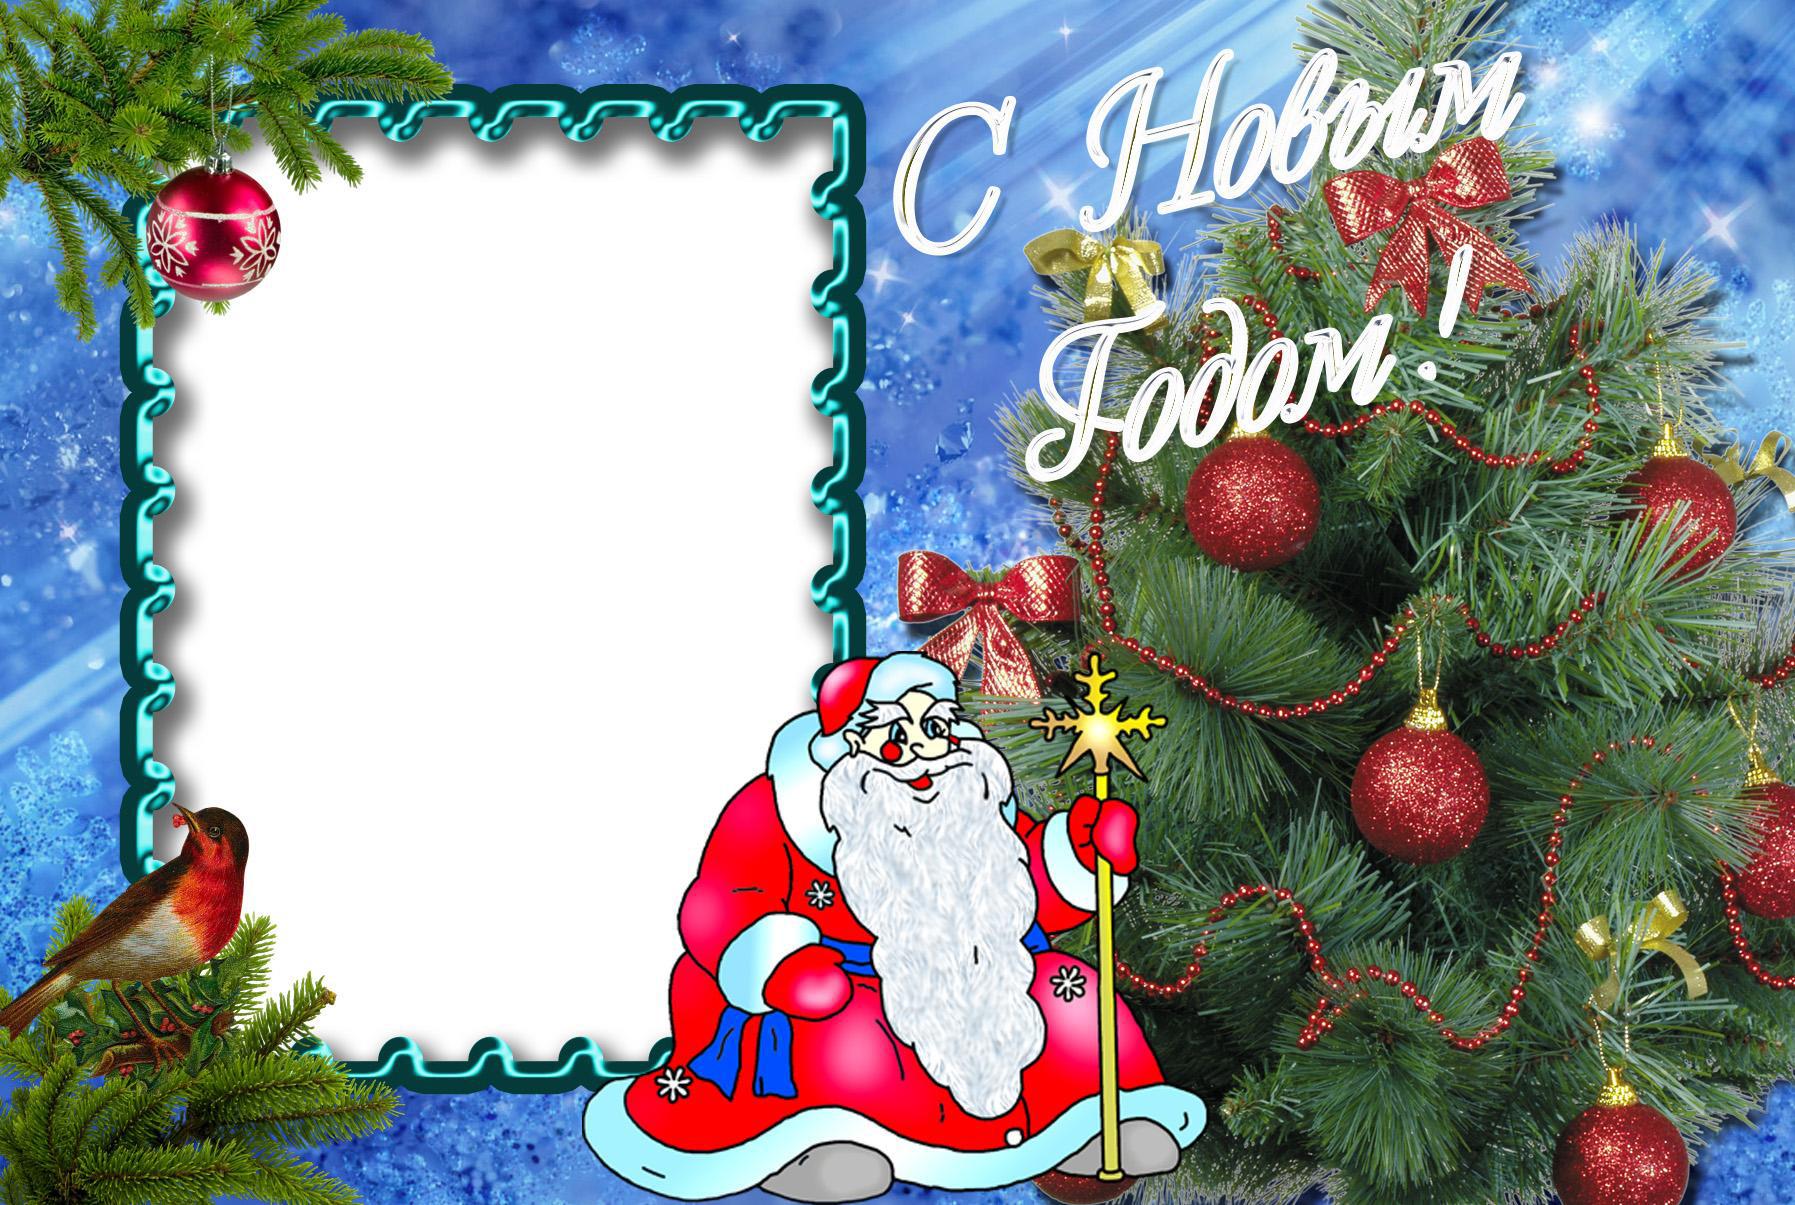 Новогодние рамки. Большая классическая новогодняя рамка для фото. Новогодняя рамка на красивом абстрактном фоне в сине-голубых тонах по краям украшена еловыми ветвями с ёлочными игрушками и птицами. Справа мы видим чудесную живую ёлочку, украшенную красными шарами и гирляндами в цвет. В углу рамочки присел отдохнуть дед Мороз, а верхнюю часть рамки занимает поздравительная надпись «С Новым годом!».